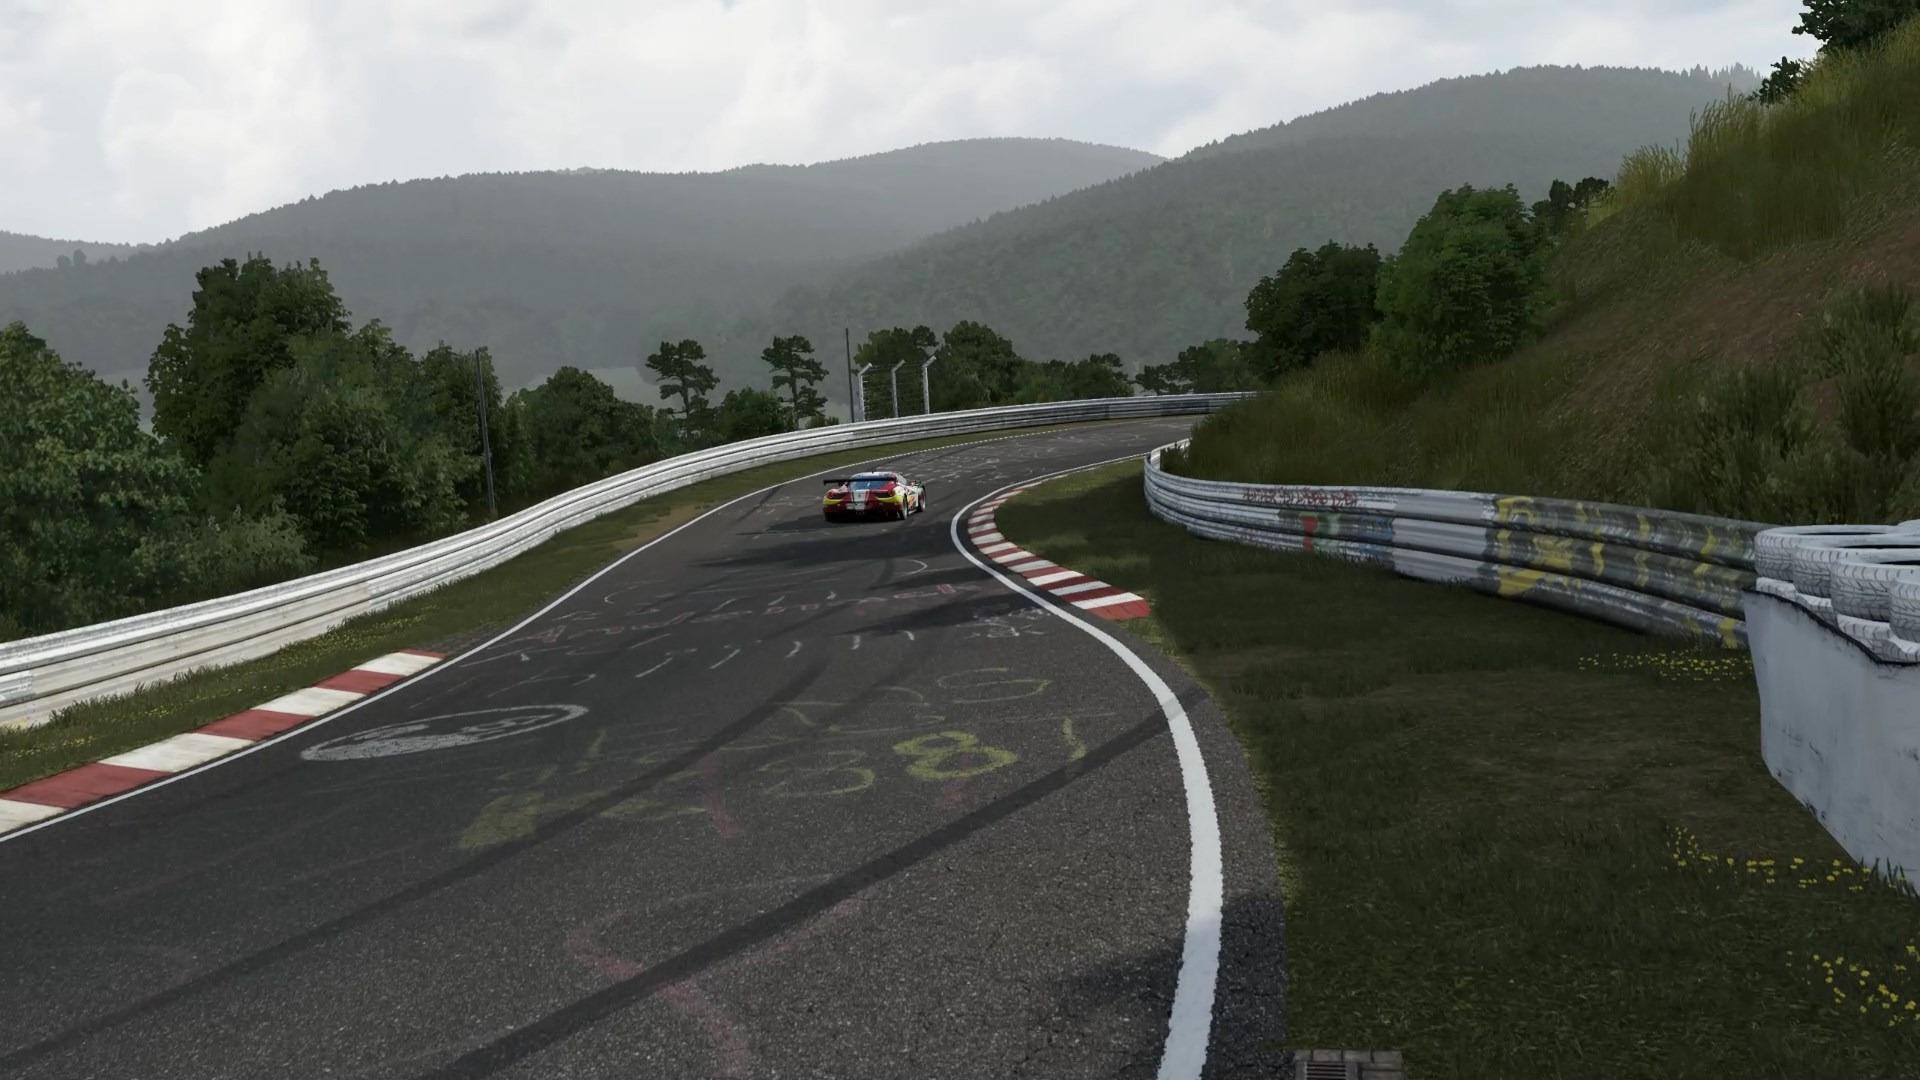 ニュルブルクリンク北コースは、世界で最も人気が高く、またゲームでの再現が難しいコース。本作ではそれを完璧に作りこんである